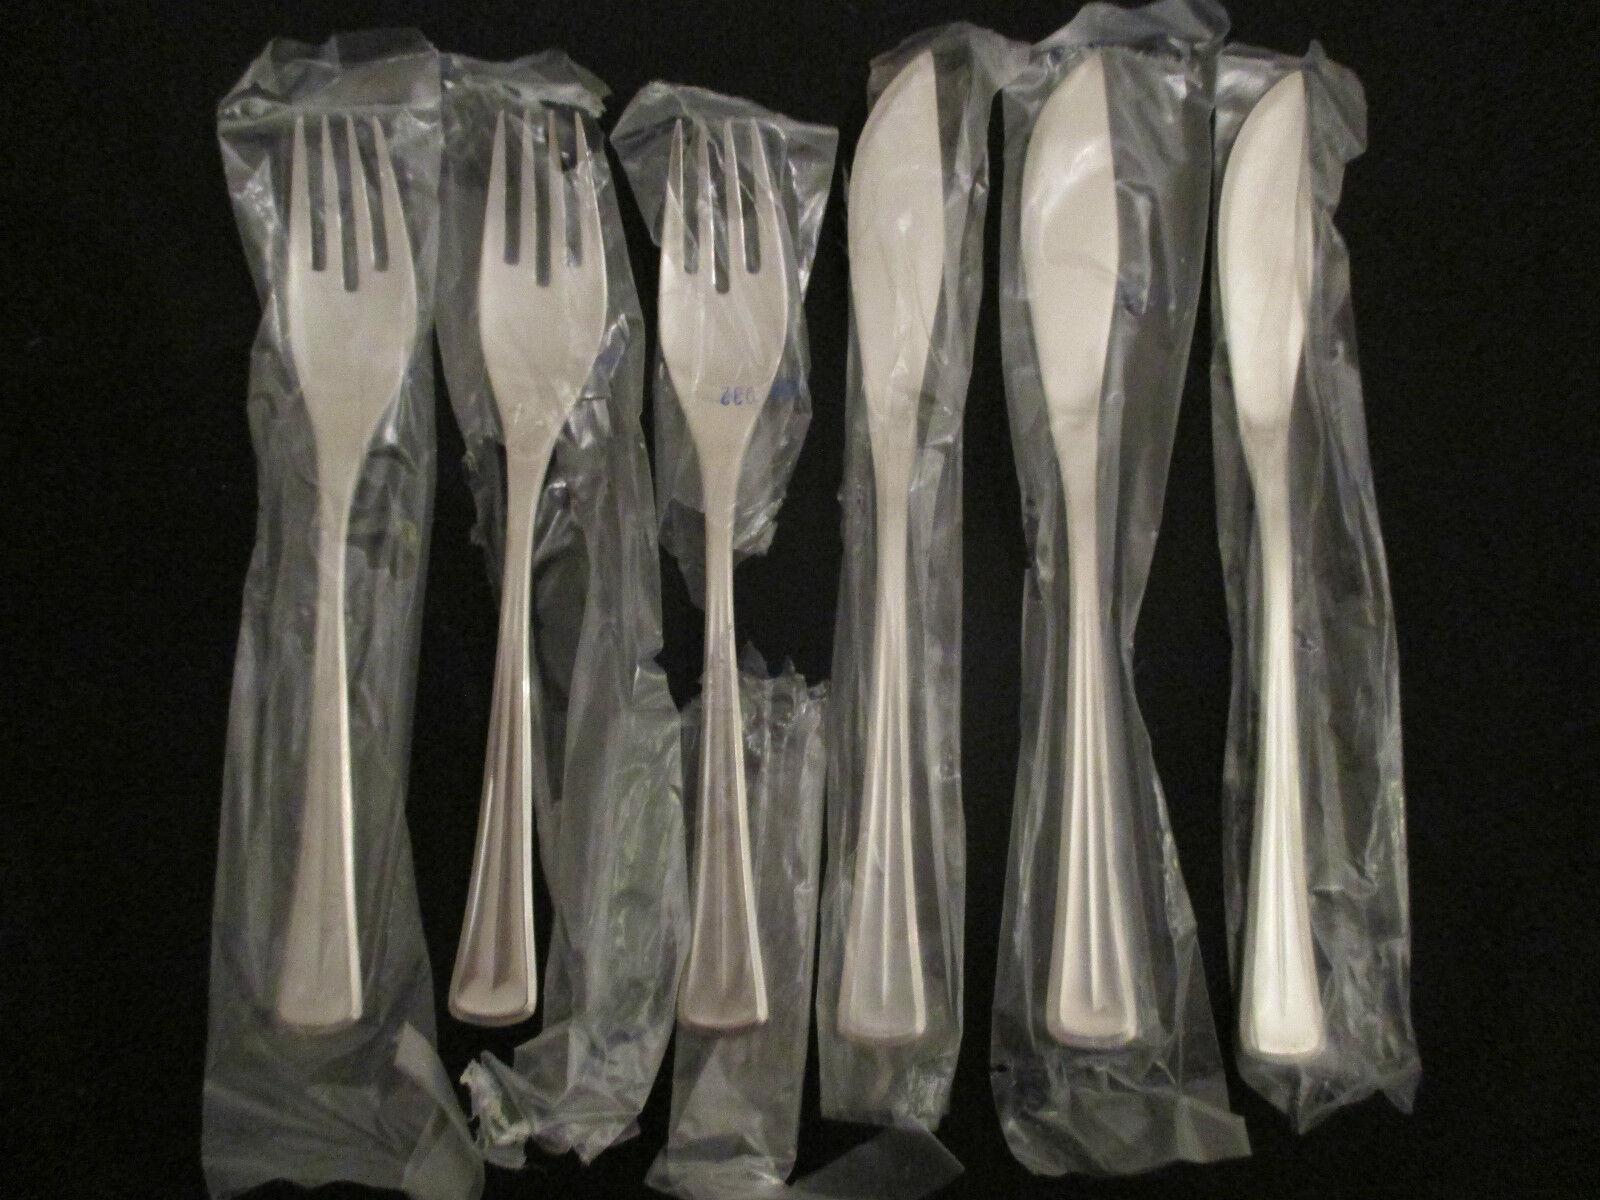 Wmf nouveau griefs poisson couverts Cromargan 6 pièces 3 poisson Couteau 3 poisson fourche note 1